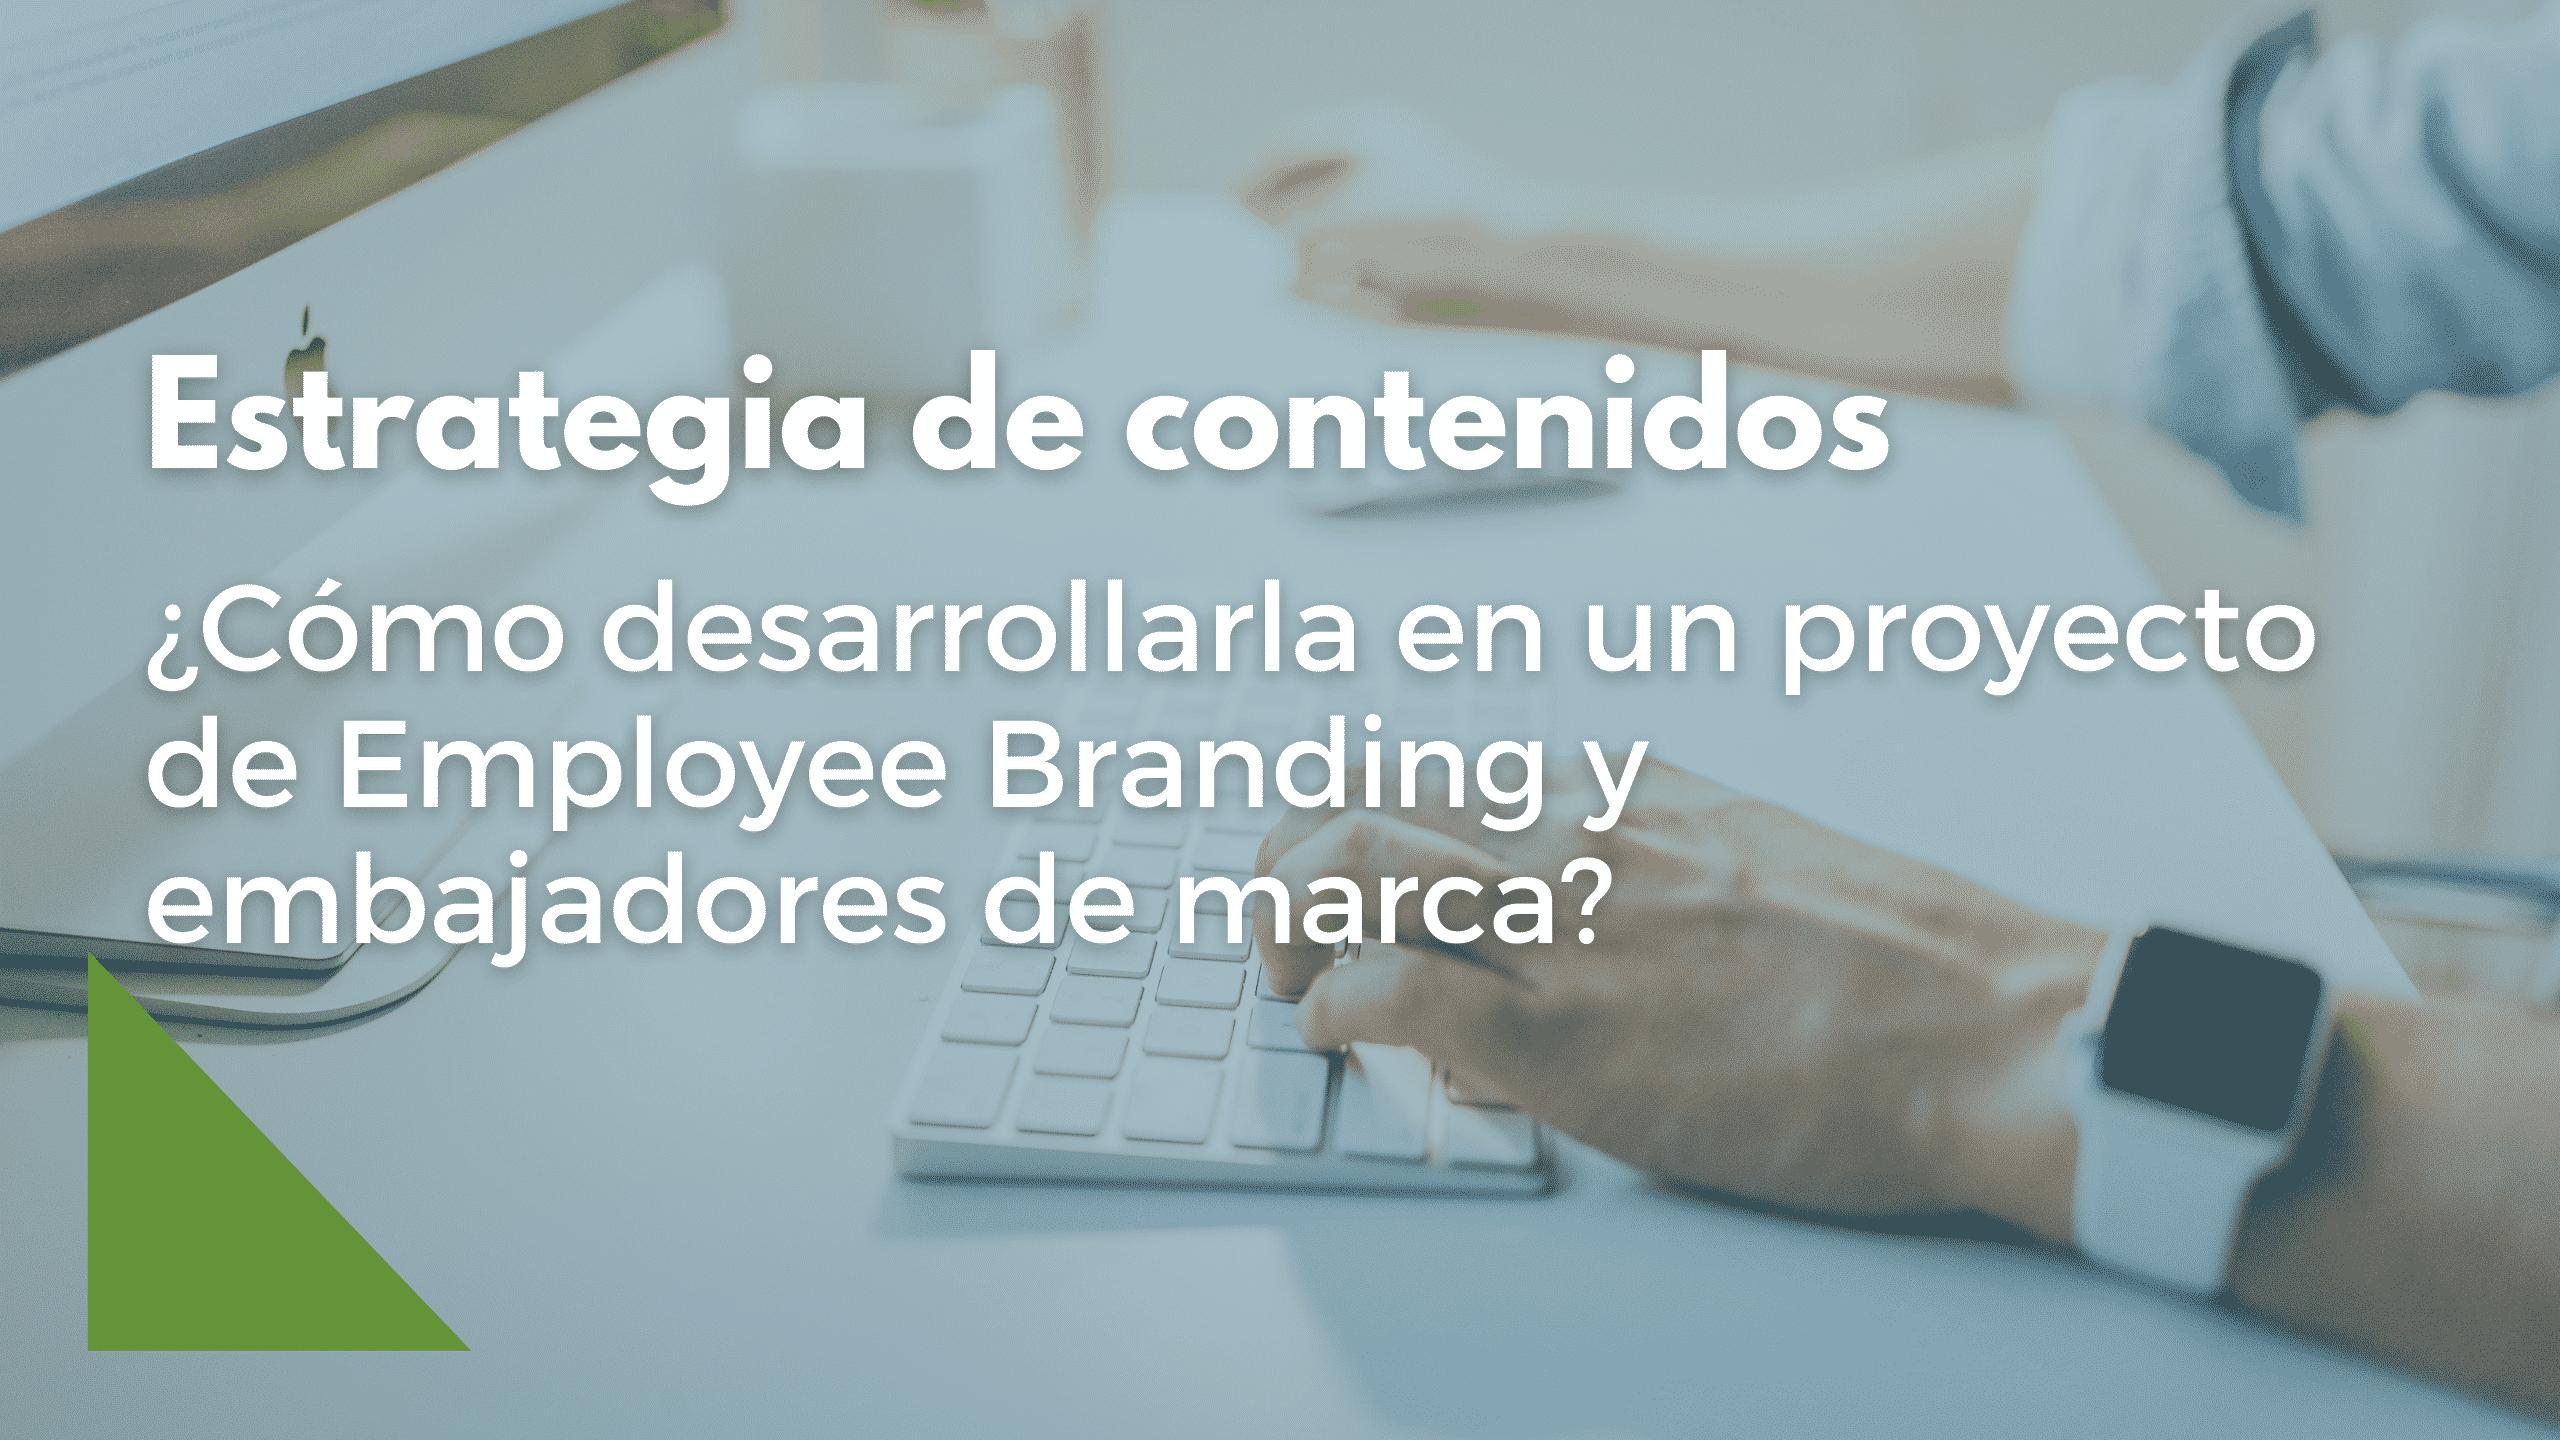 Descubre cómo desarrollar una estrategia de contenidos para Employee Branding